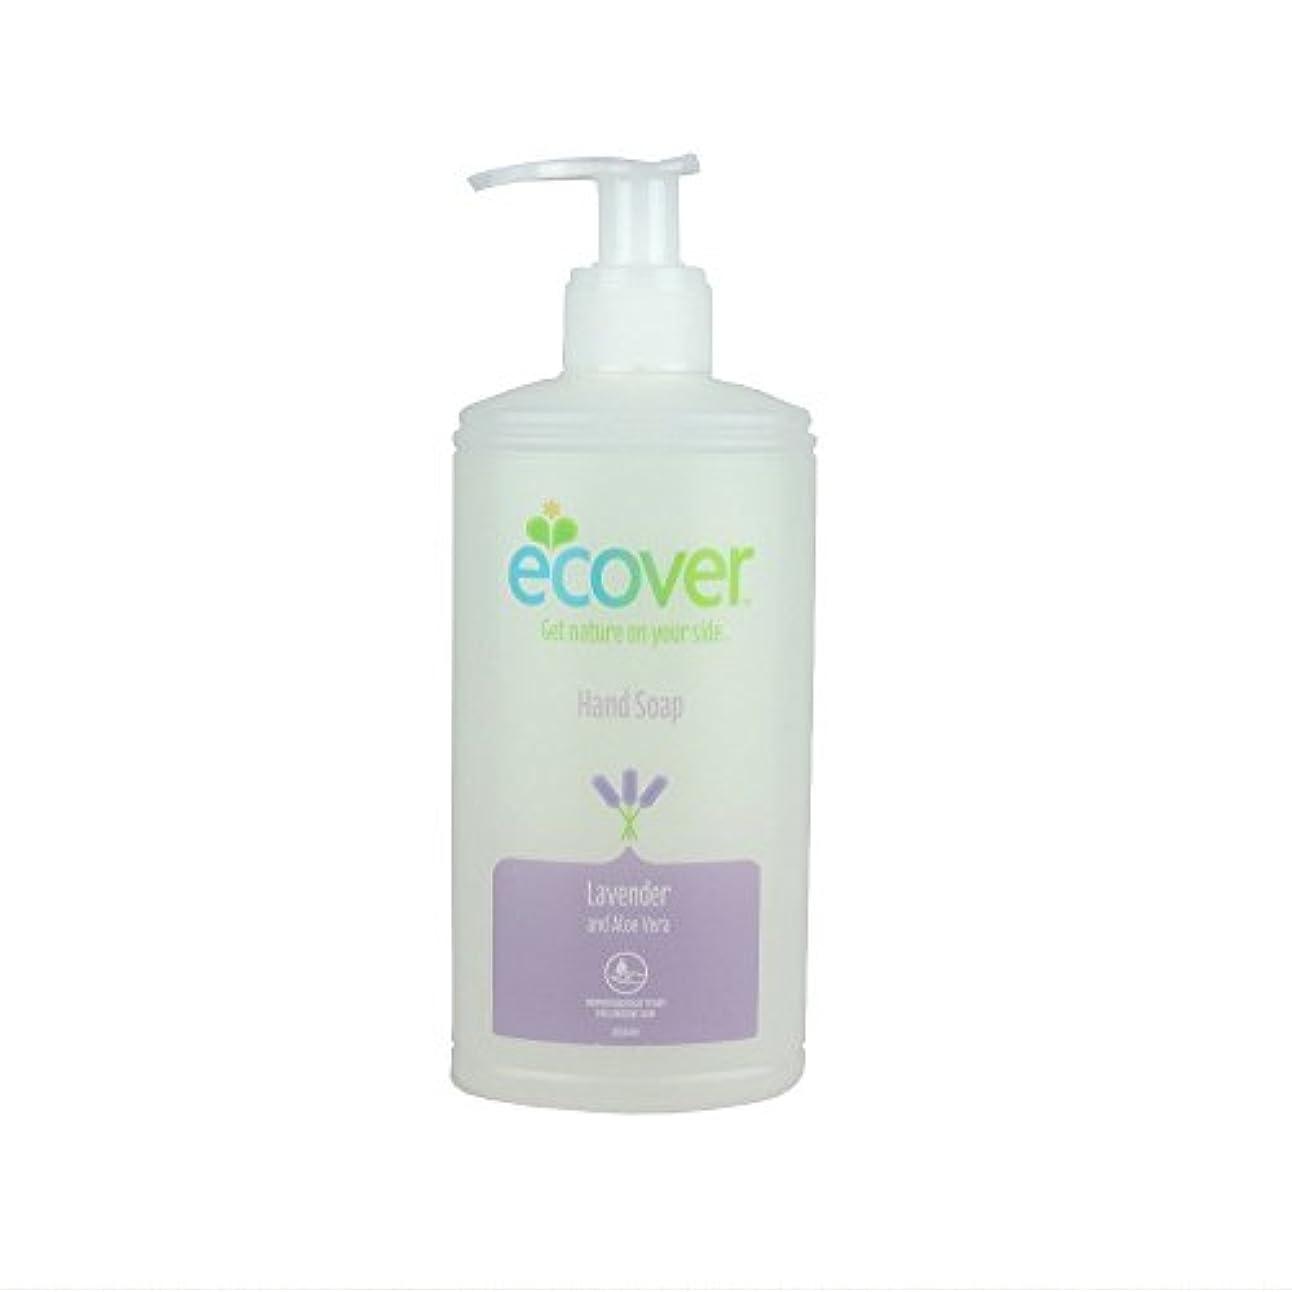 波退屈黒人Ecover Liquid Hand Soap Lavender & Aloe Vera (250ml) 液体ハンドソープラベンダーとアロエベラ( 250ミリリットル)をエコベール